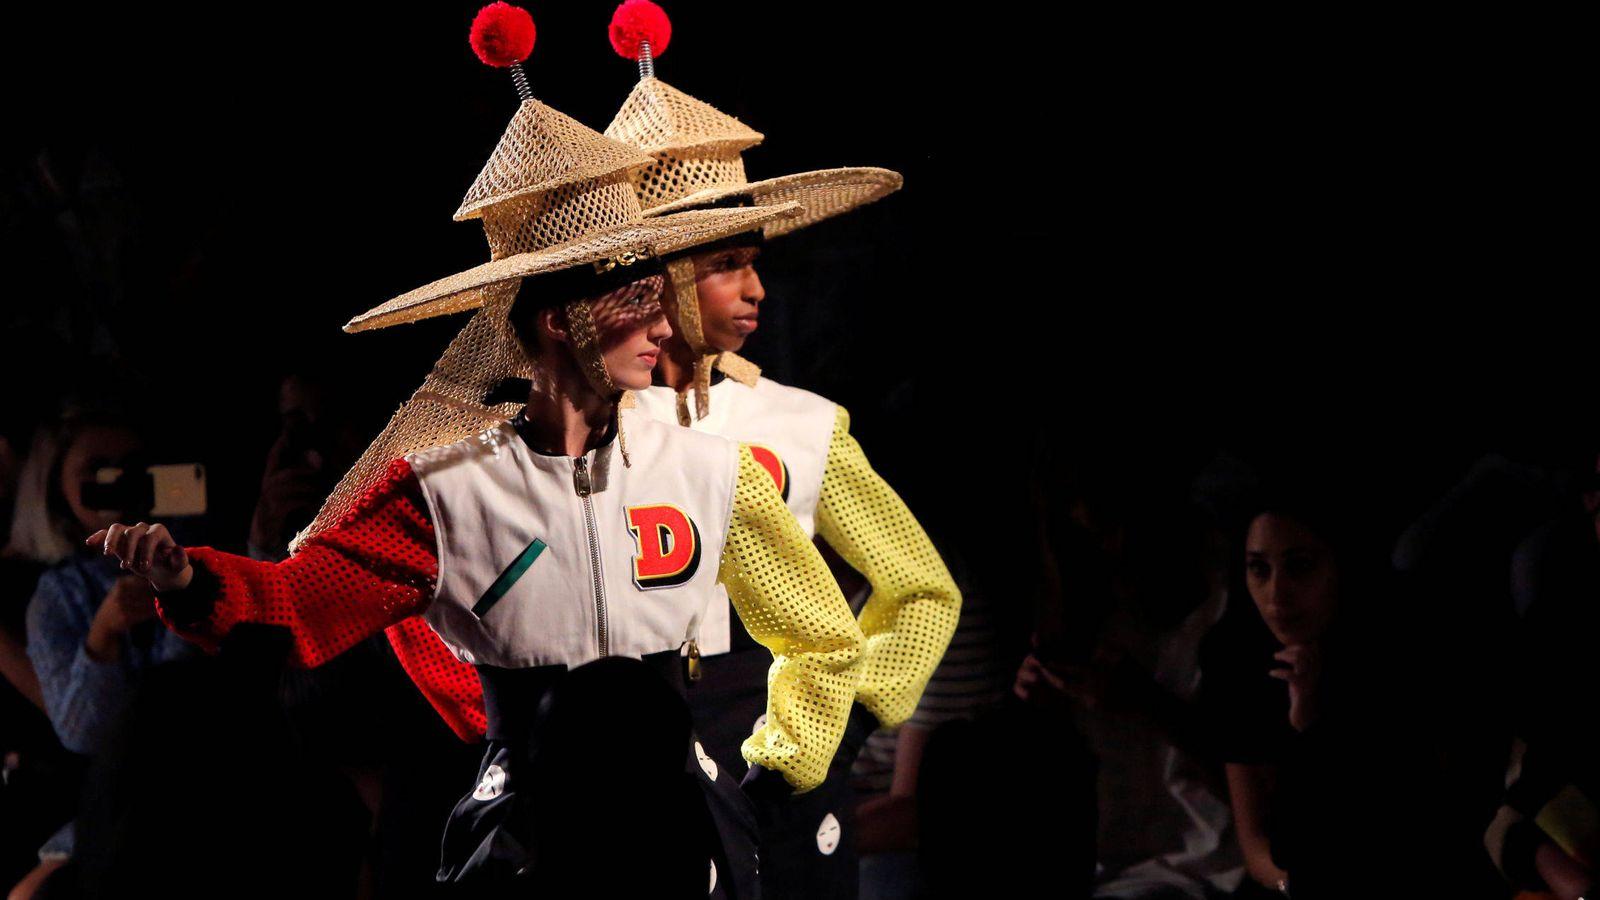 Foto: Desfile de la firma Desigual en la Semana de la Moda de Nueva York. (Reuters)